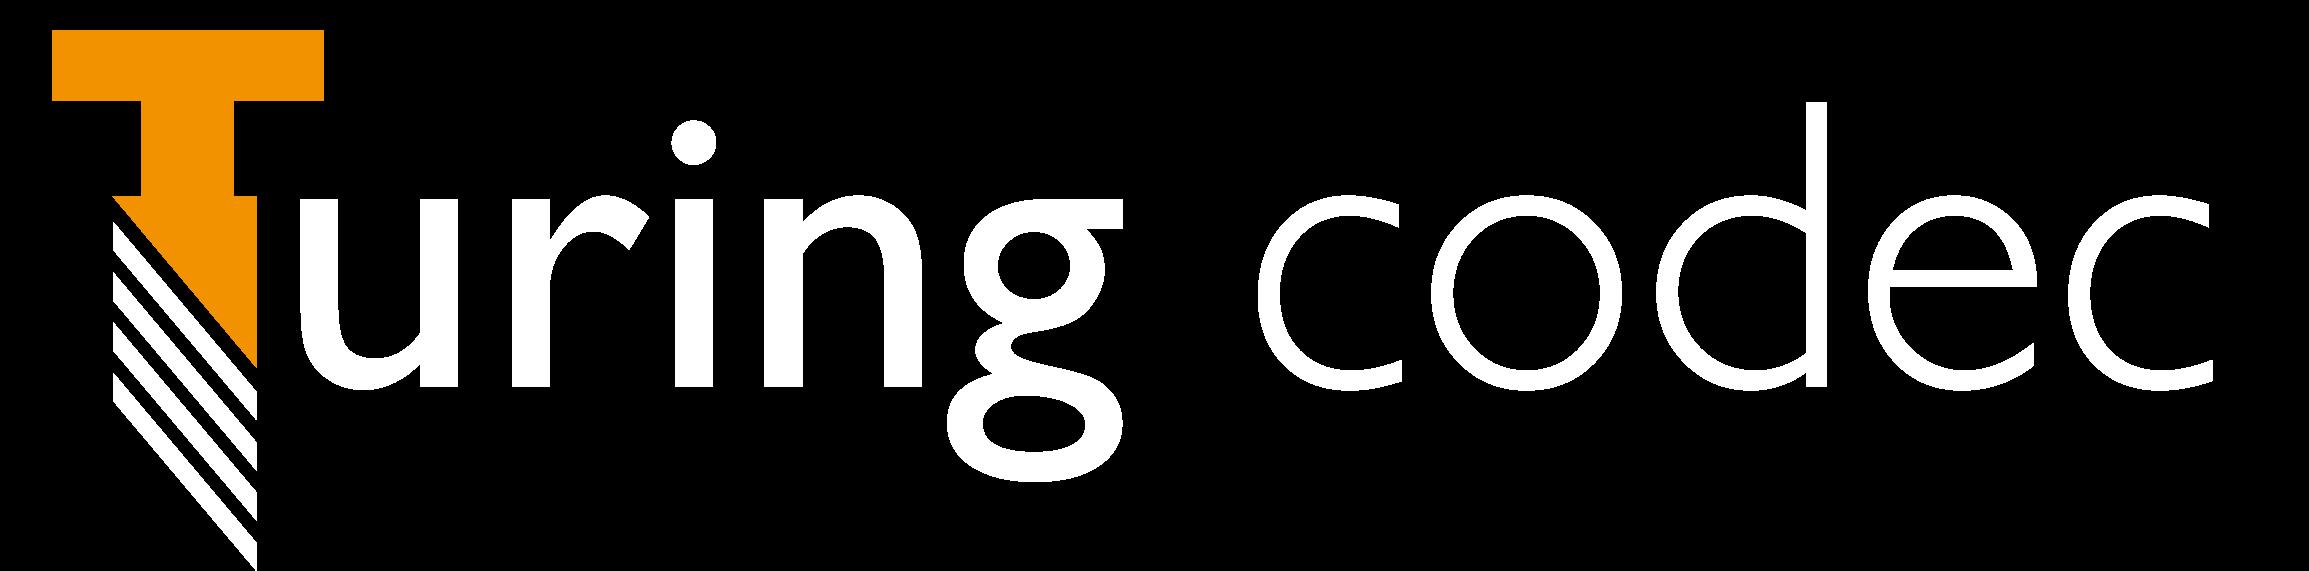 Turing codec